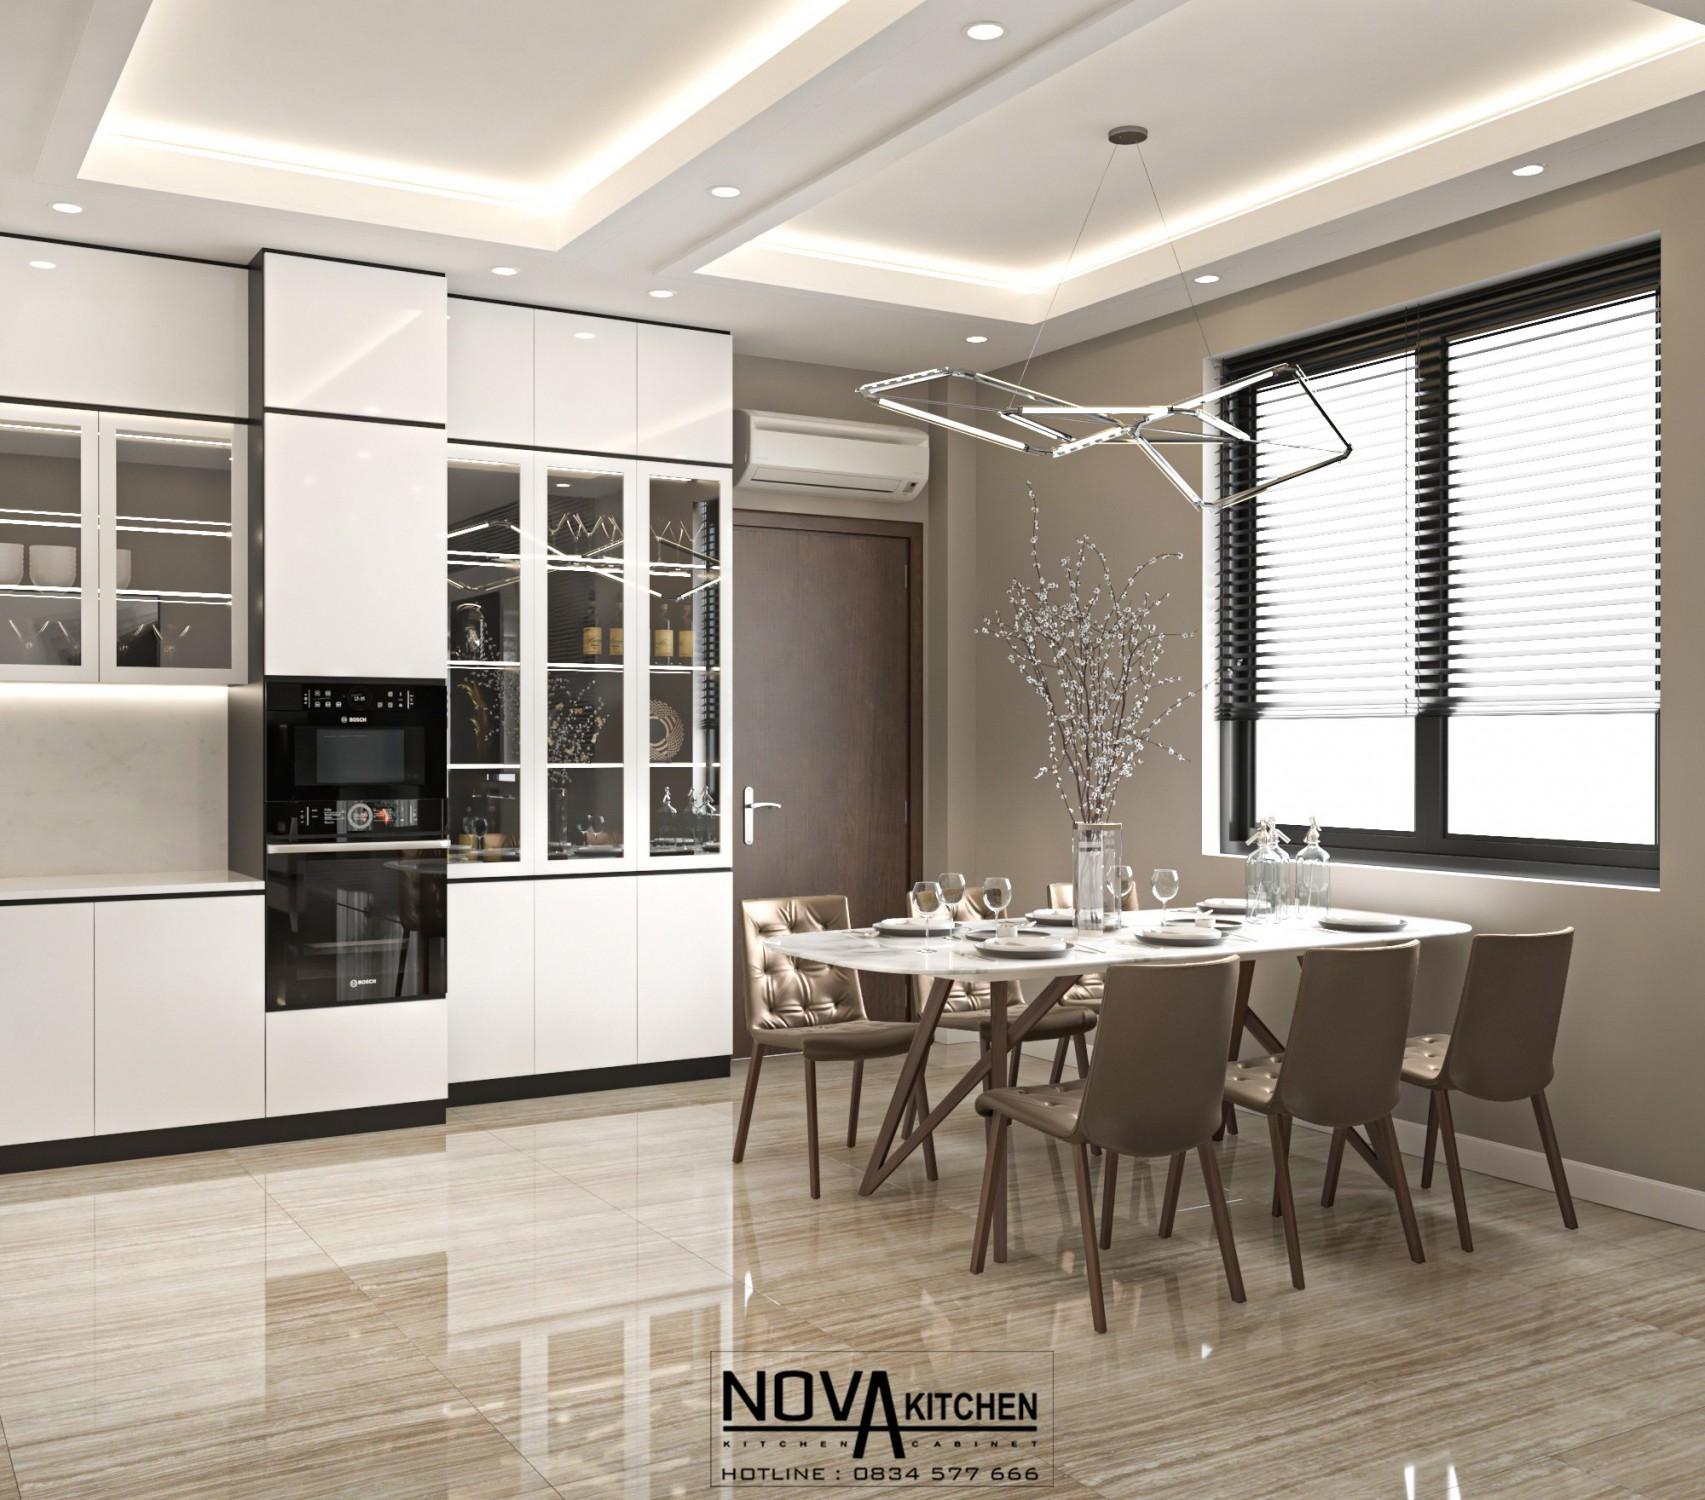 Tủ bếp hiện đại - sự lựa chọn hoàn hảo để tiết kiệm không gian